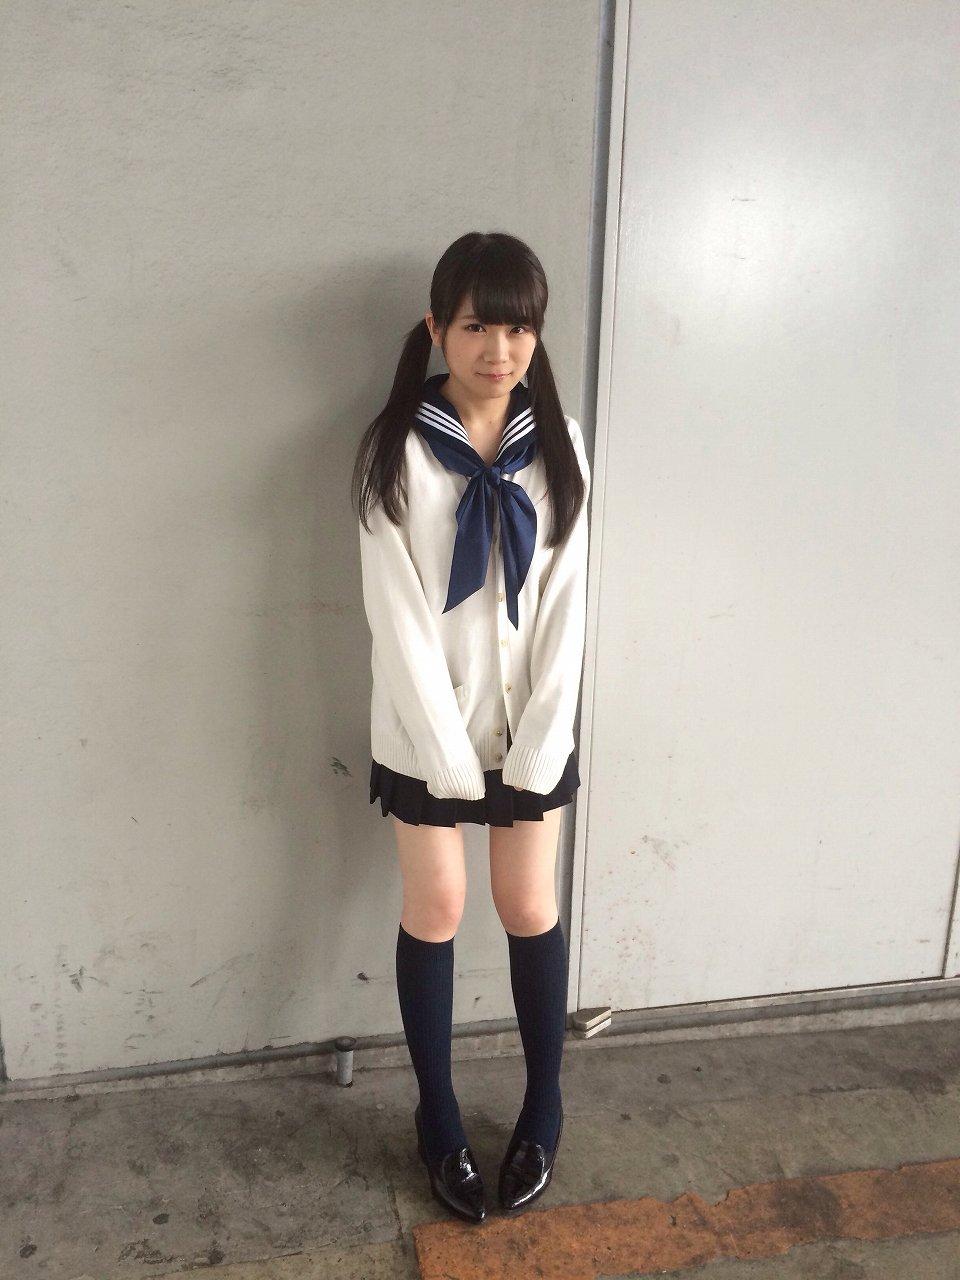 ミニスカート制服を着た秋元真夏